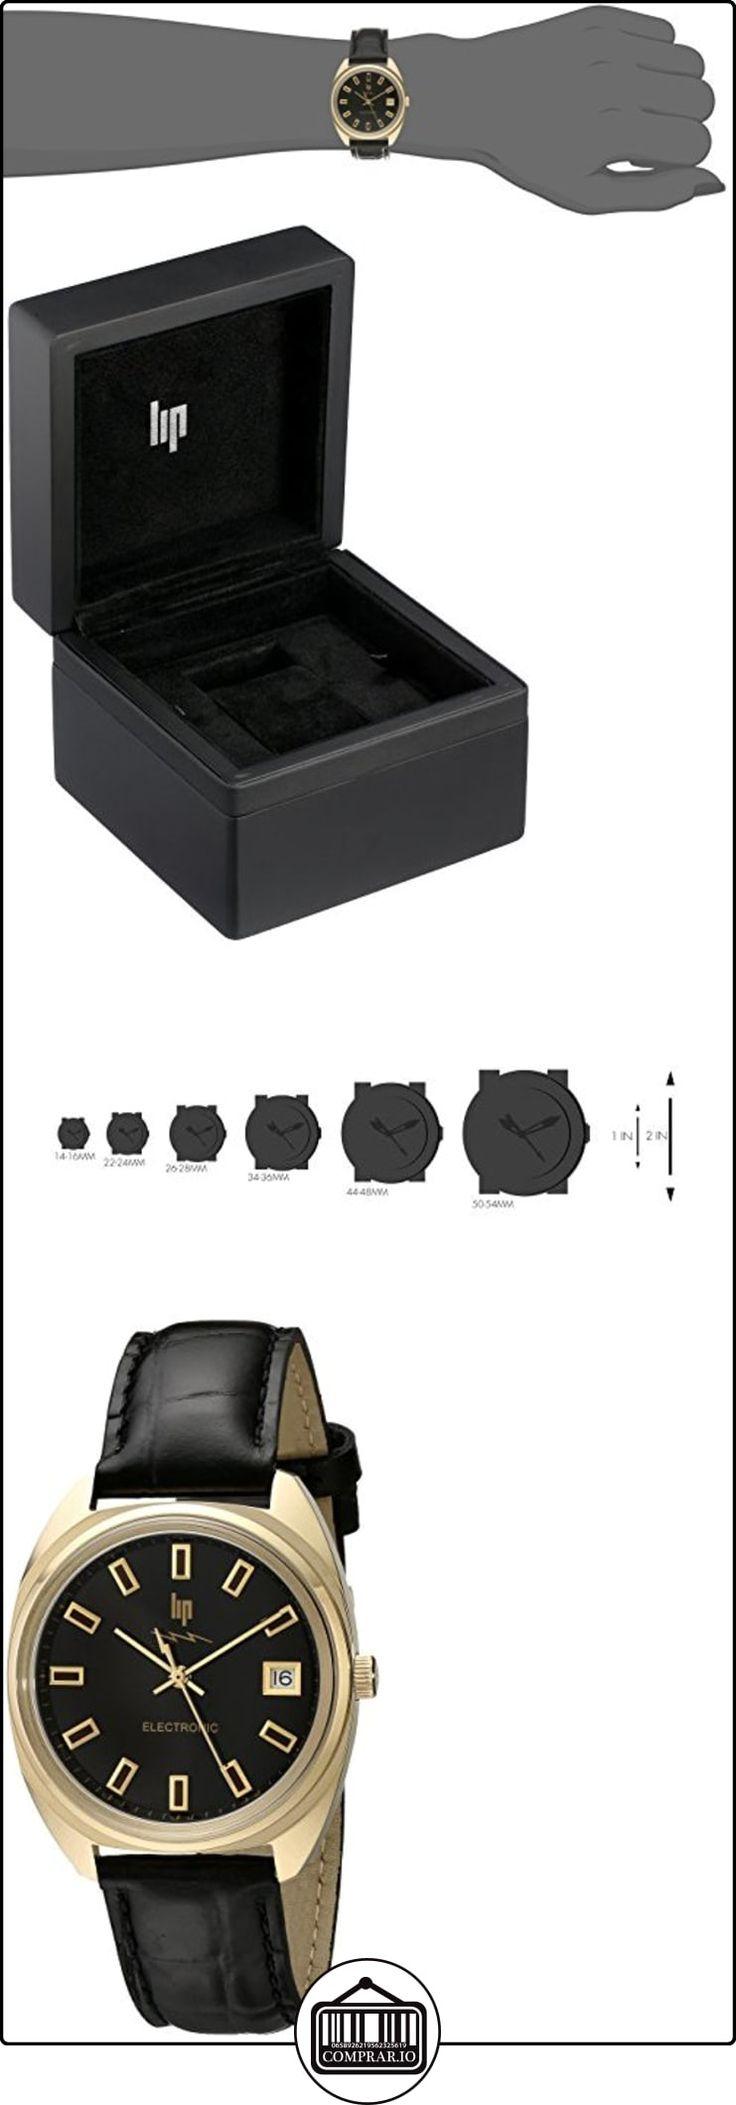 Lip Créateur 1872742 - Reloj analógico de cuarzo para hombre con correa de piel, color negro  ✿ Relojes para hombre - (Lujo) ✿